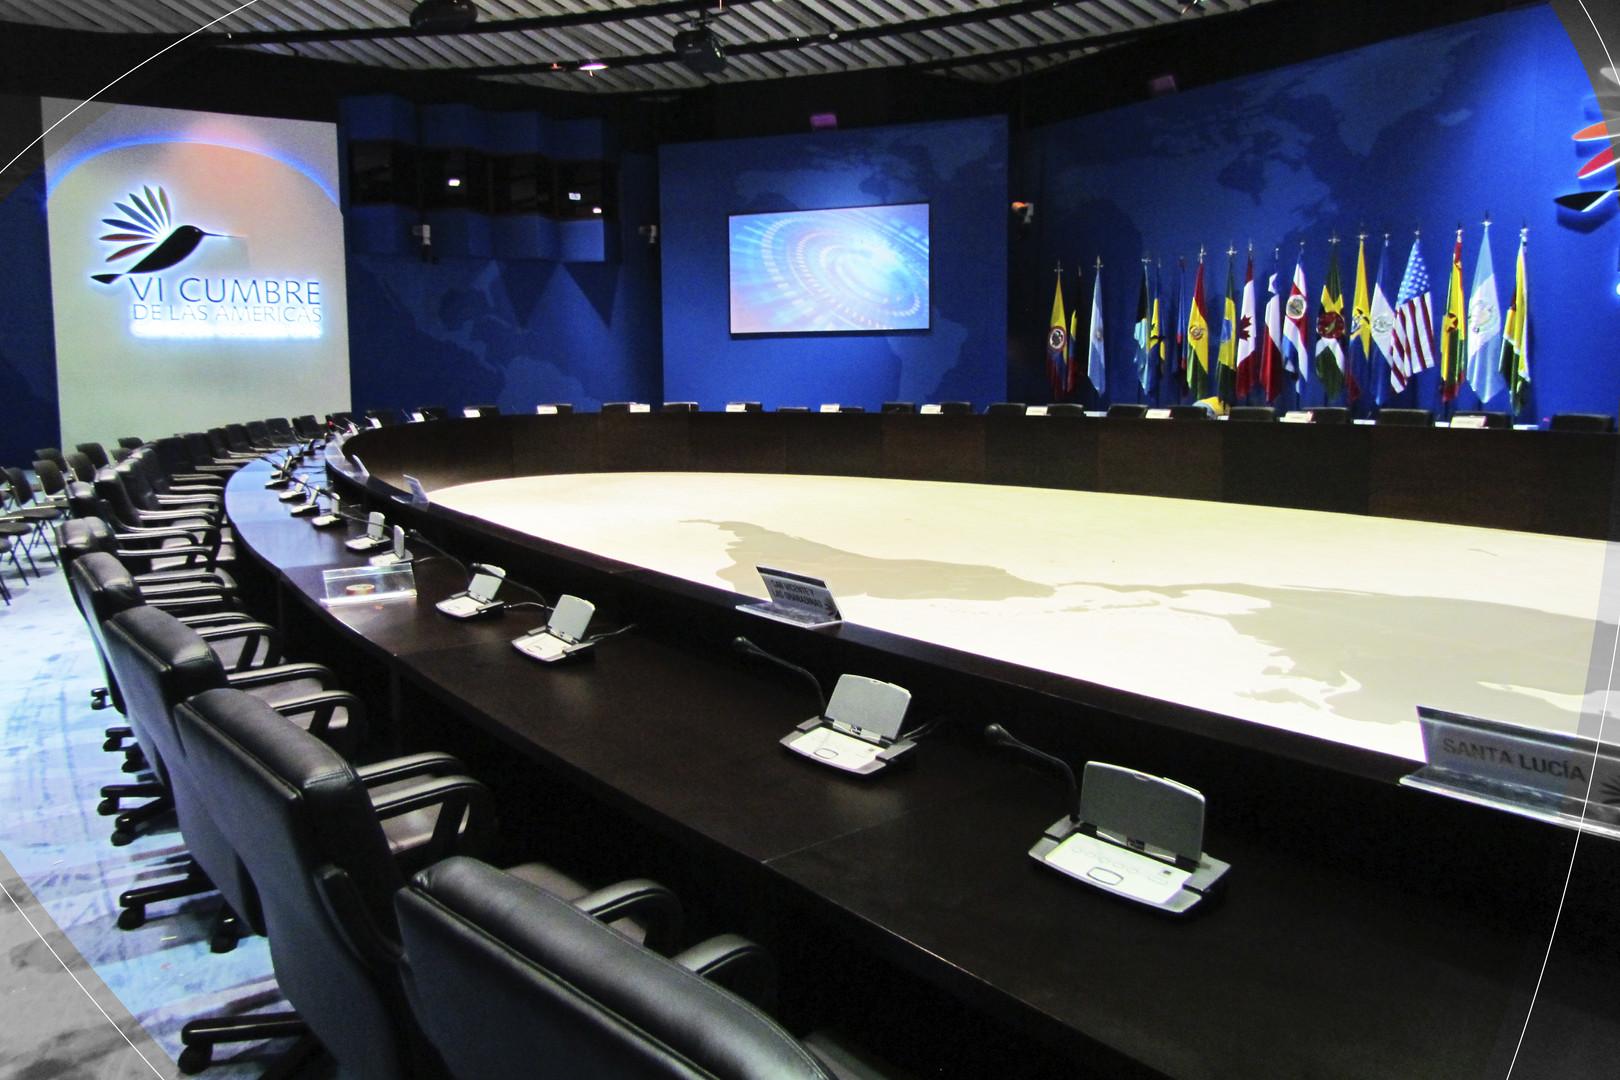 Cumbre de Las Americas IMG_4398.JPG